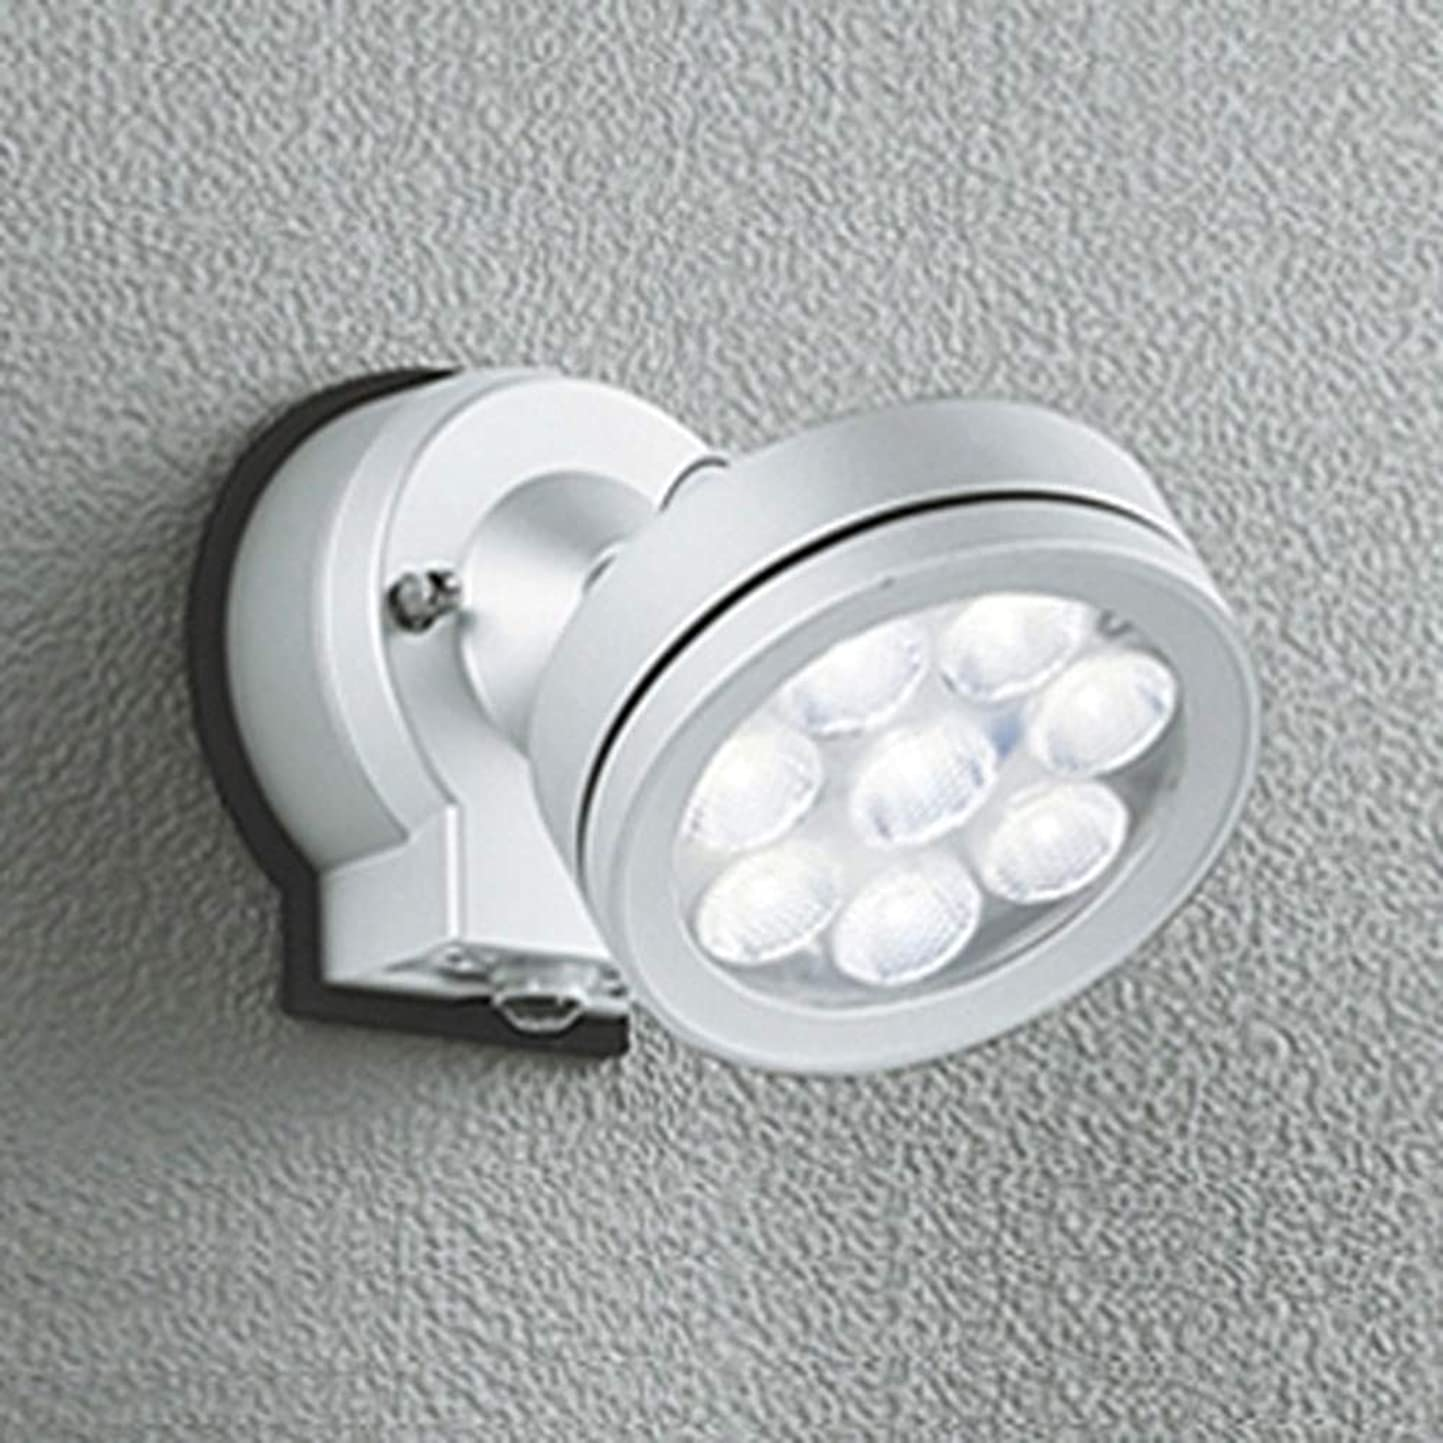 詳細な詩どんなときもオーデリック LEDスポットライト 防雨型 ビーム球150W相当 LED×8灯 電球色 ワイド配光 人感センサ付 マットシルバー OG254216